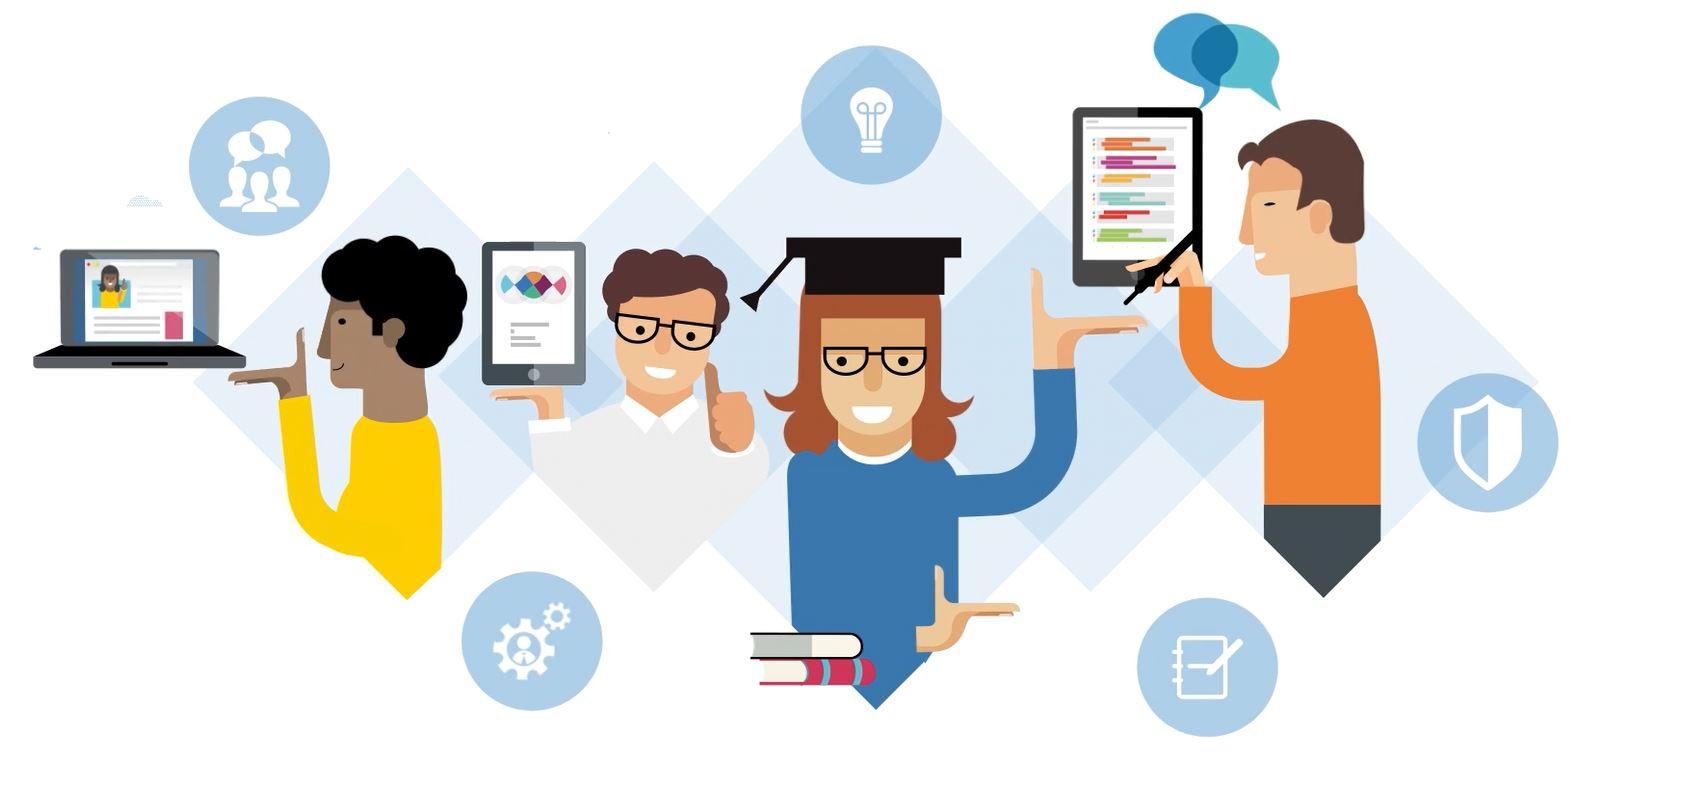 Svjetski dan učitelja: Komisija pokreće alat za potporu osnovnoškolskim i srednjoškolskim učiteljima i nastavnicima u korištenju digitalnih tehnologija